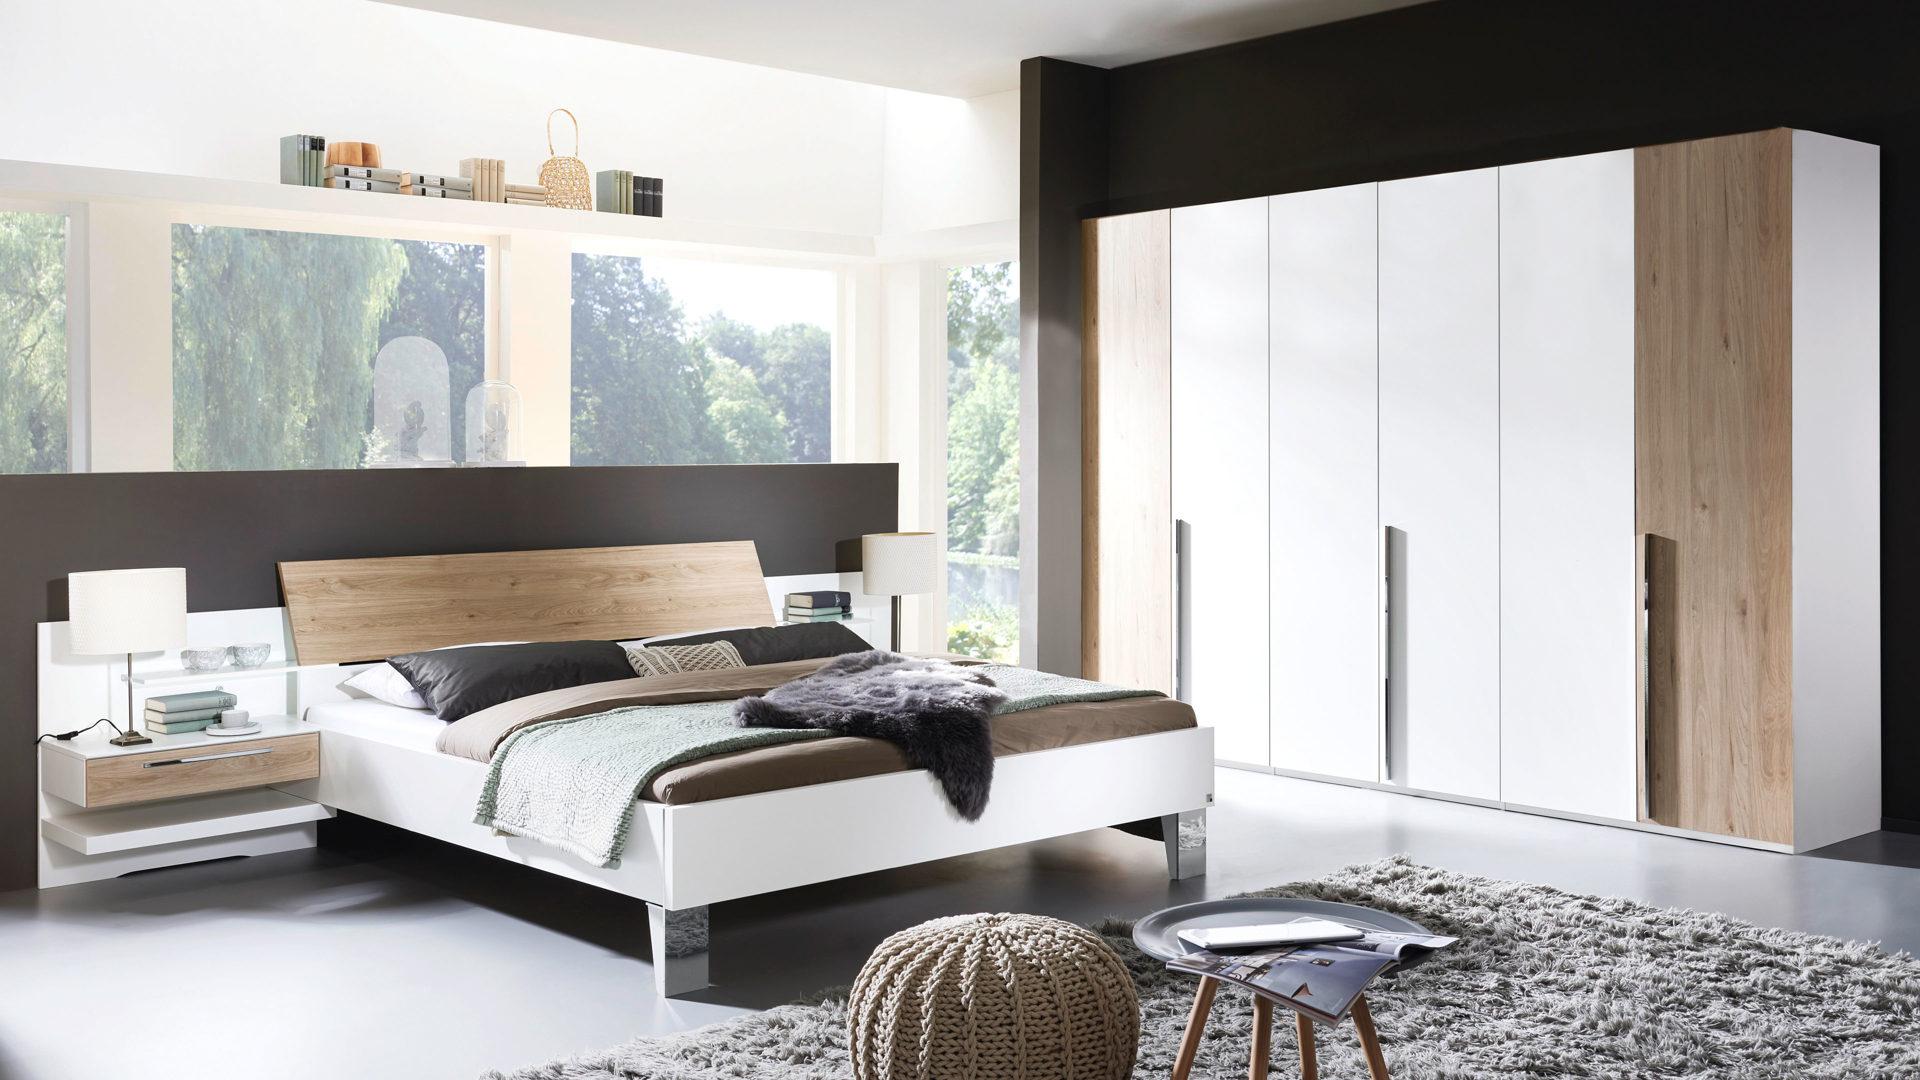 Möbel Bohn Crailsheim, Räume, Schlafzimmer, Komplettzimmer ...